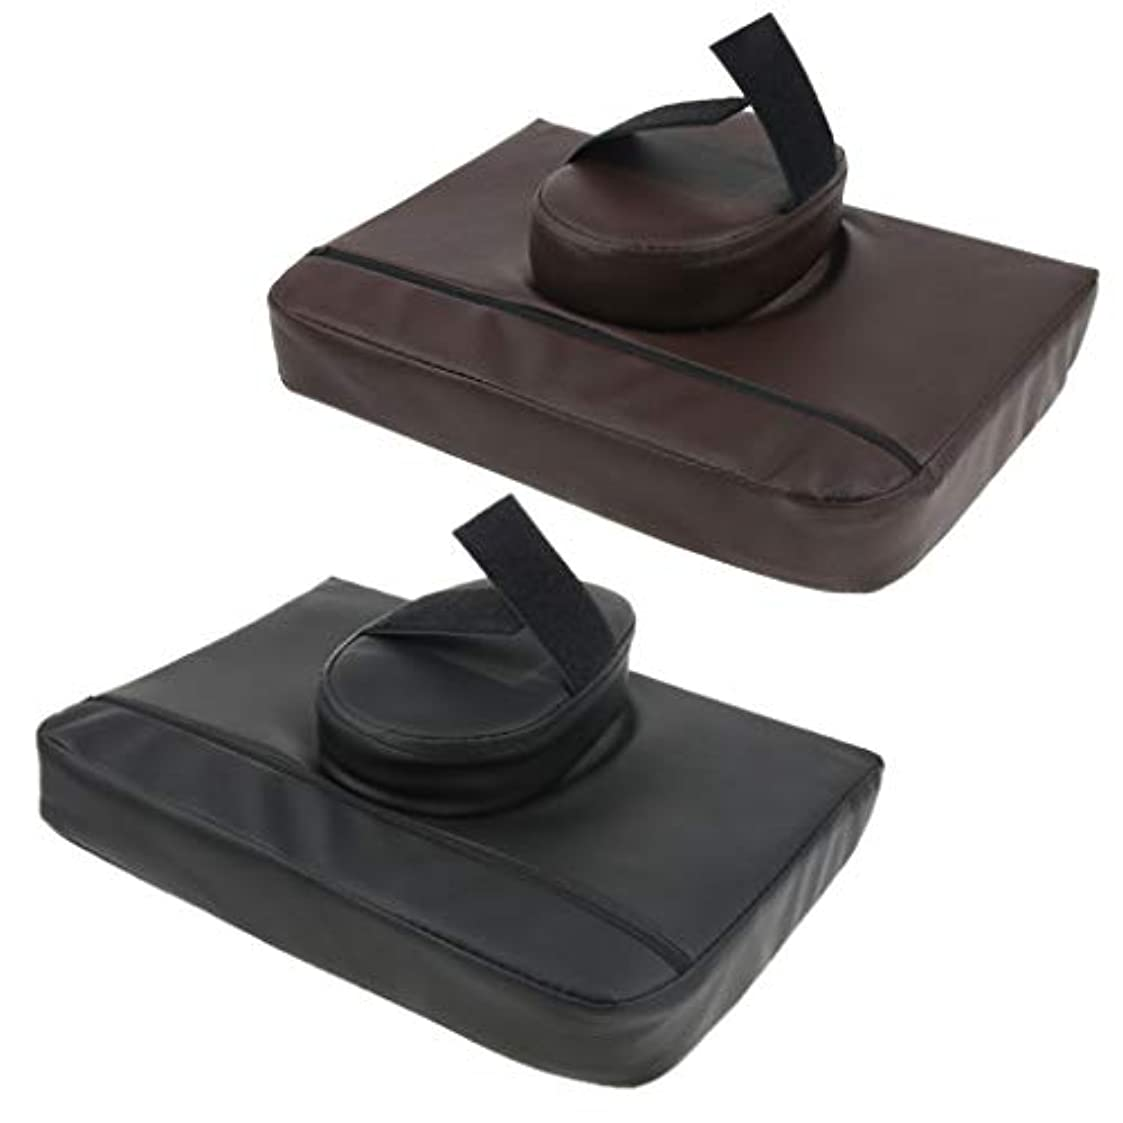 に向けて出発溶けたロードされたマッサージ枕 マッサージピロー マッサージクッション スクエア マッサージテーブル用 通気性 2個入